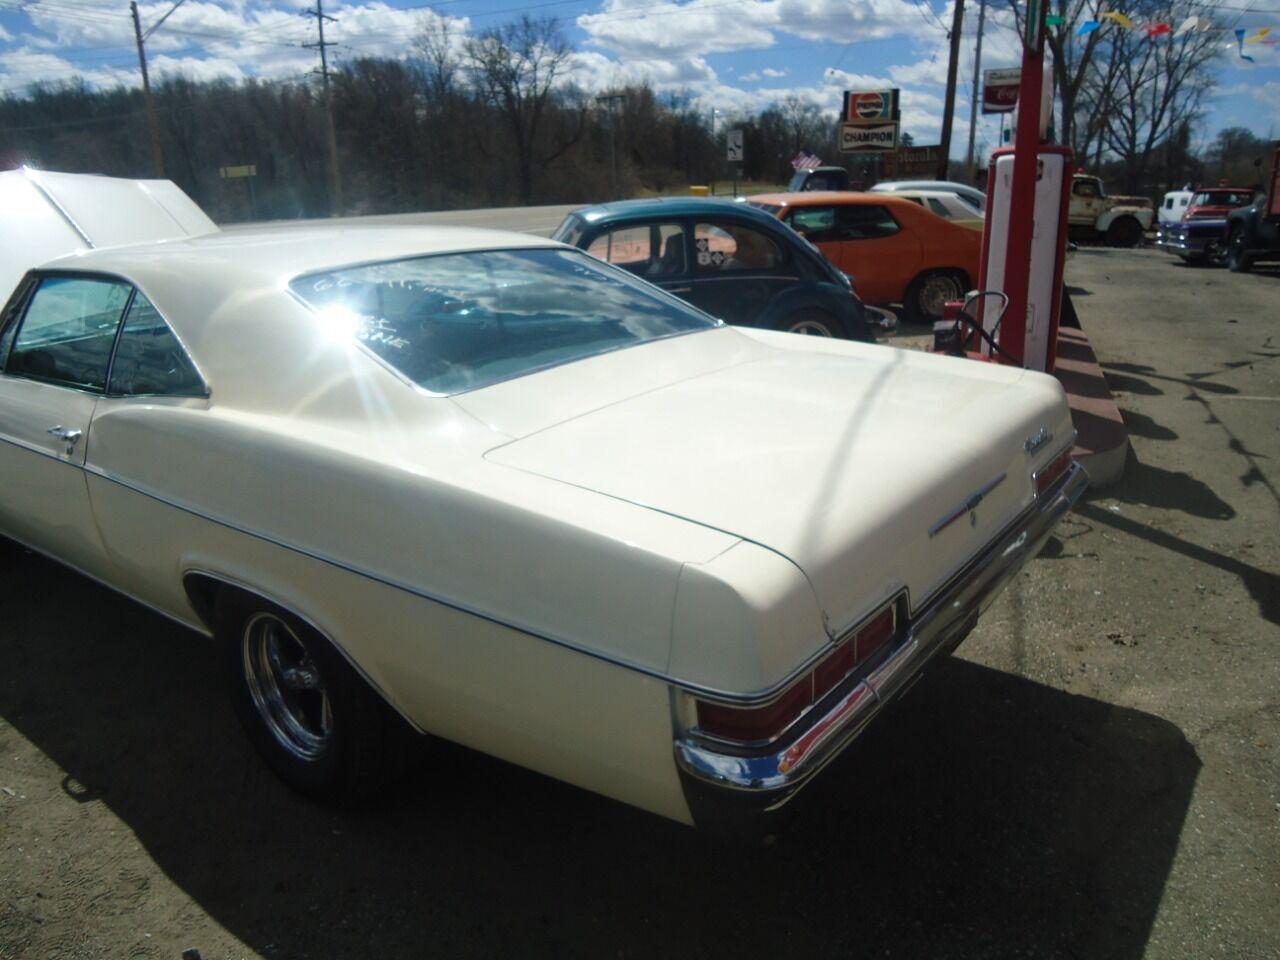 1966 Chevrolet Impala 6